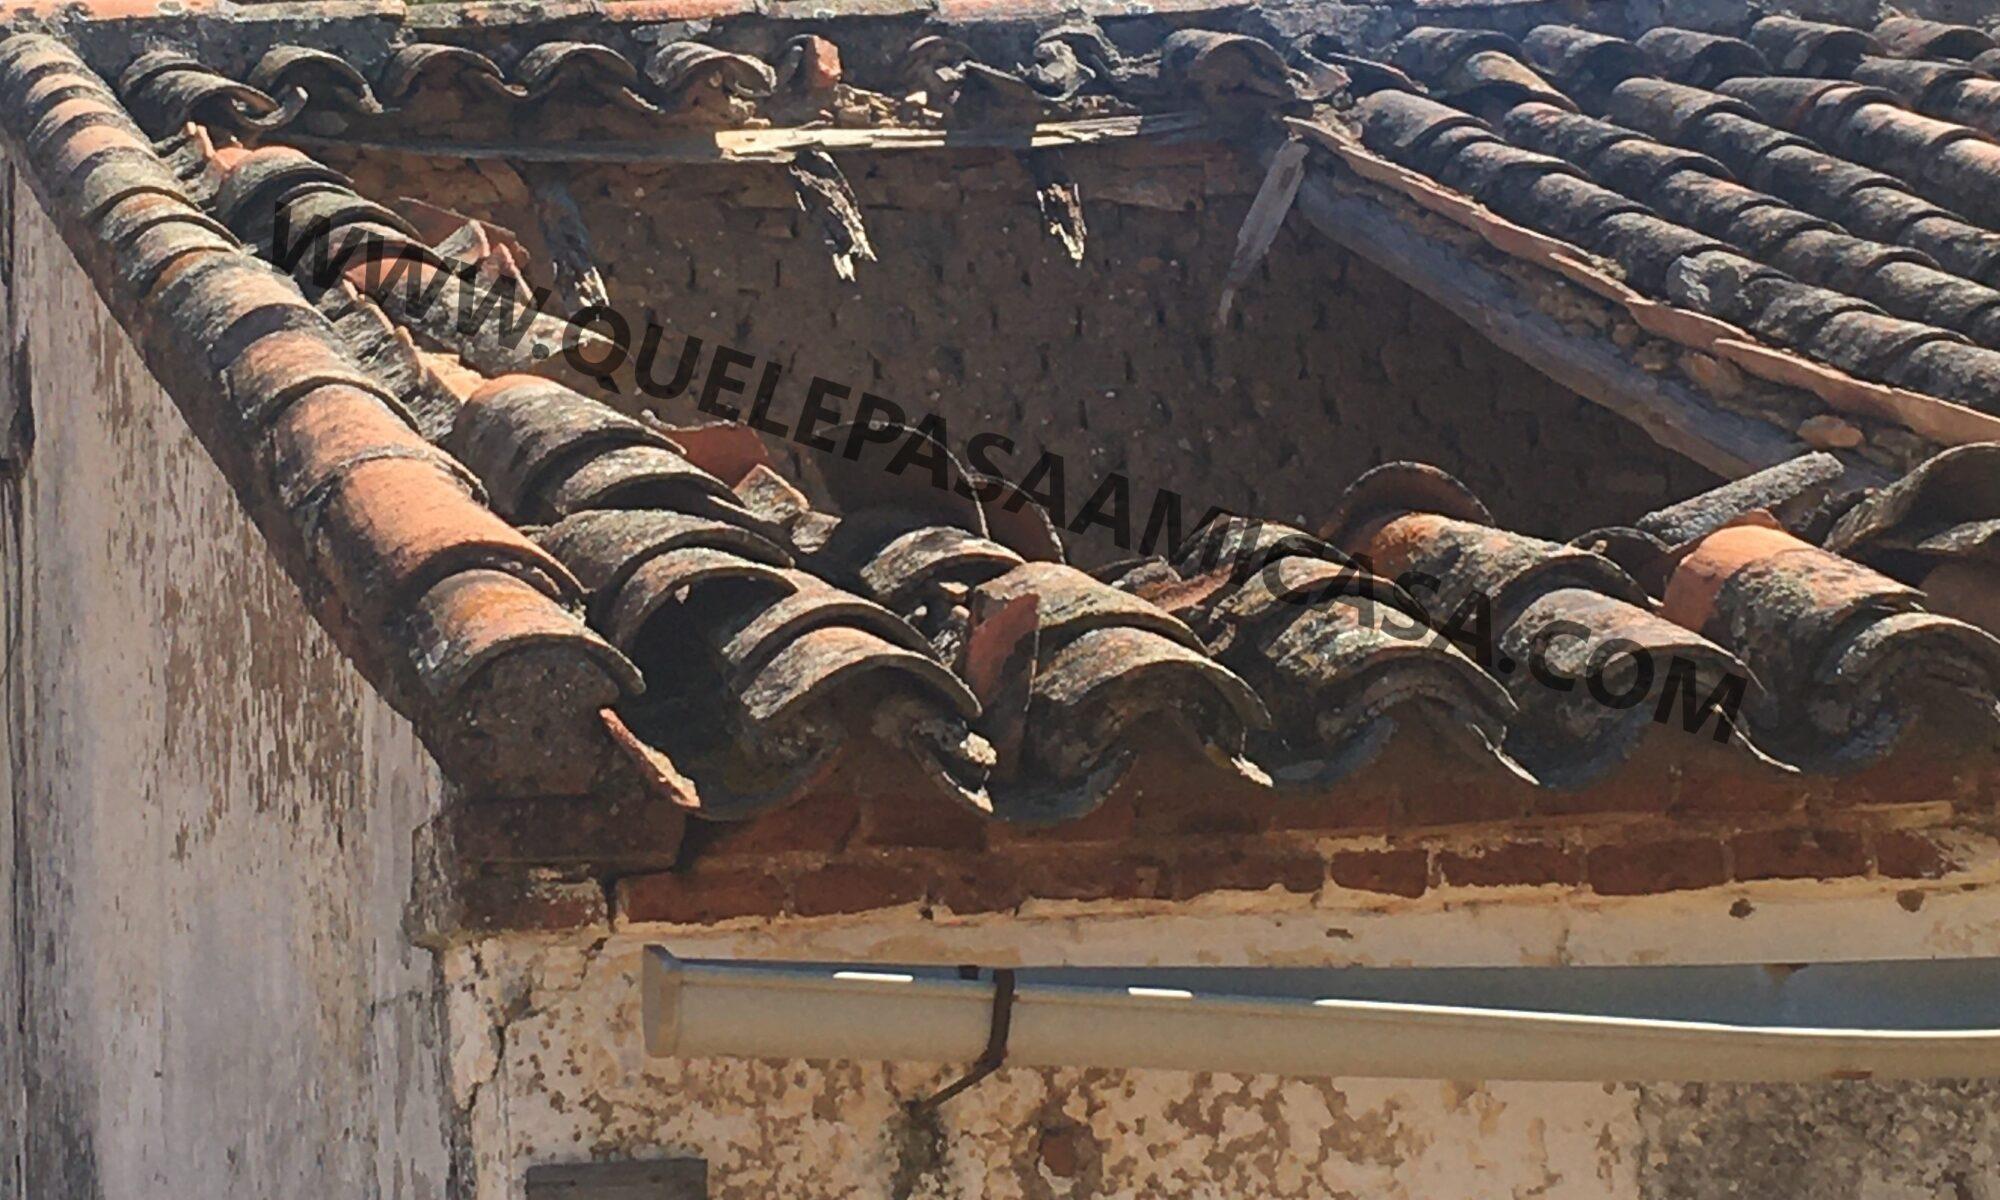 Cubierta con estructura de madera con colapso parcial en uno de sus paños